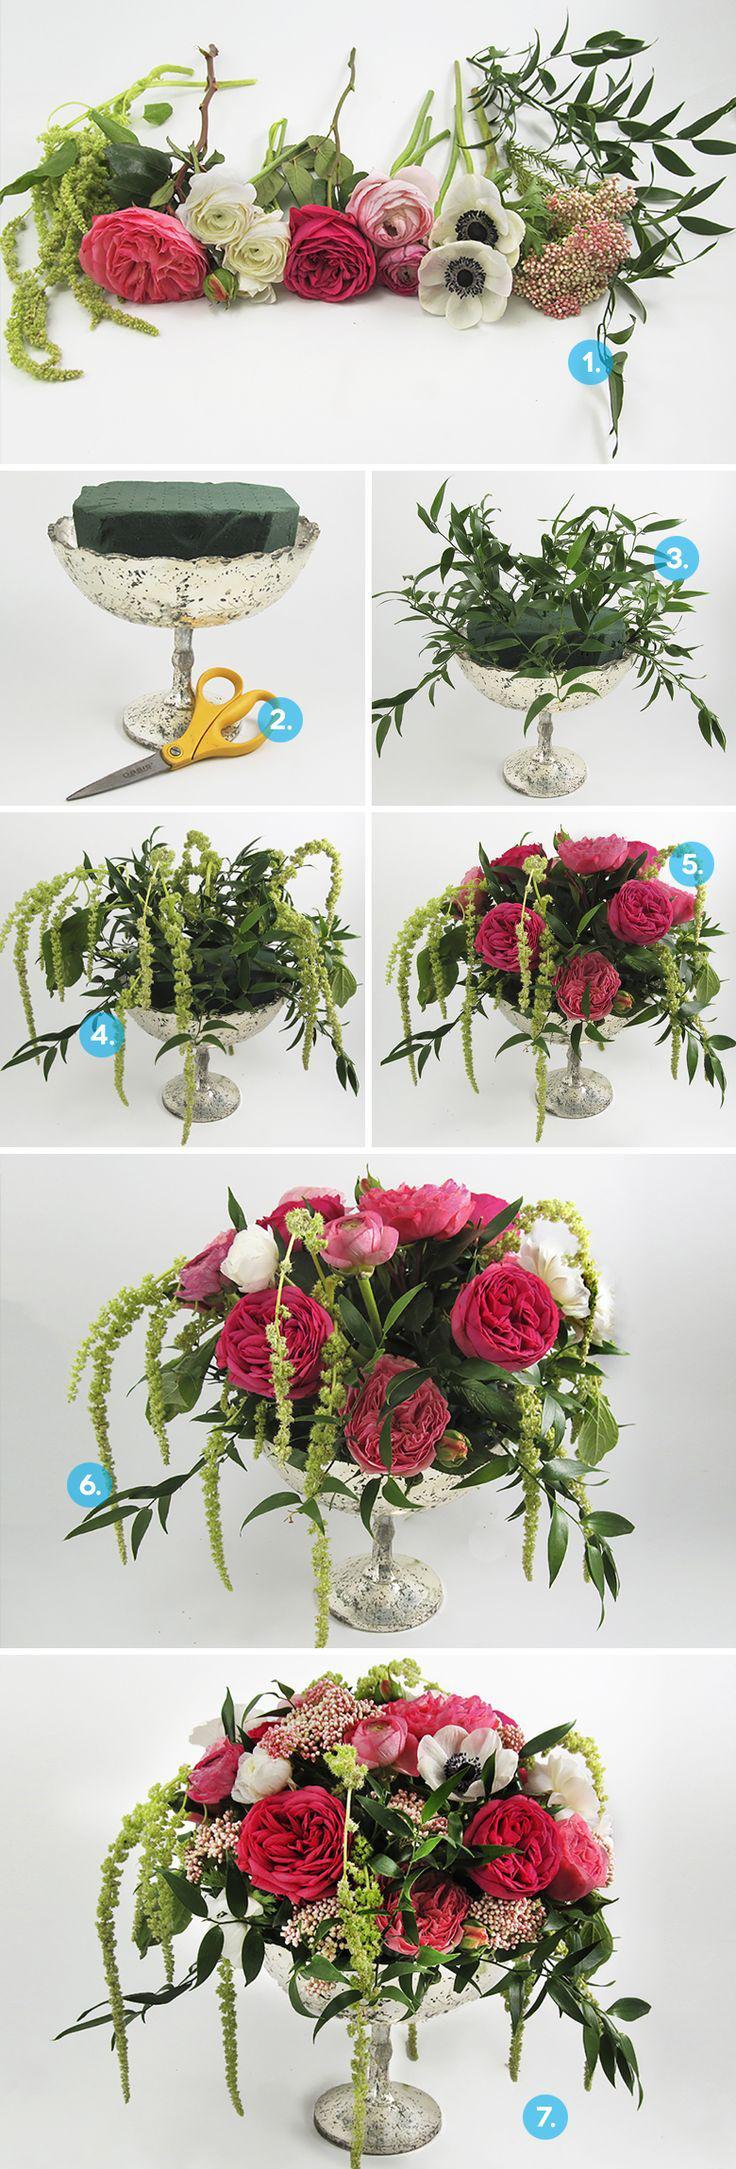 DIY Projects Flower Arrangements Pinterest